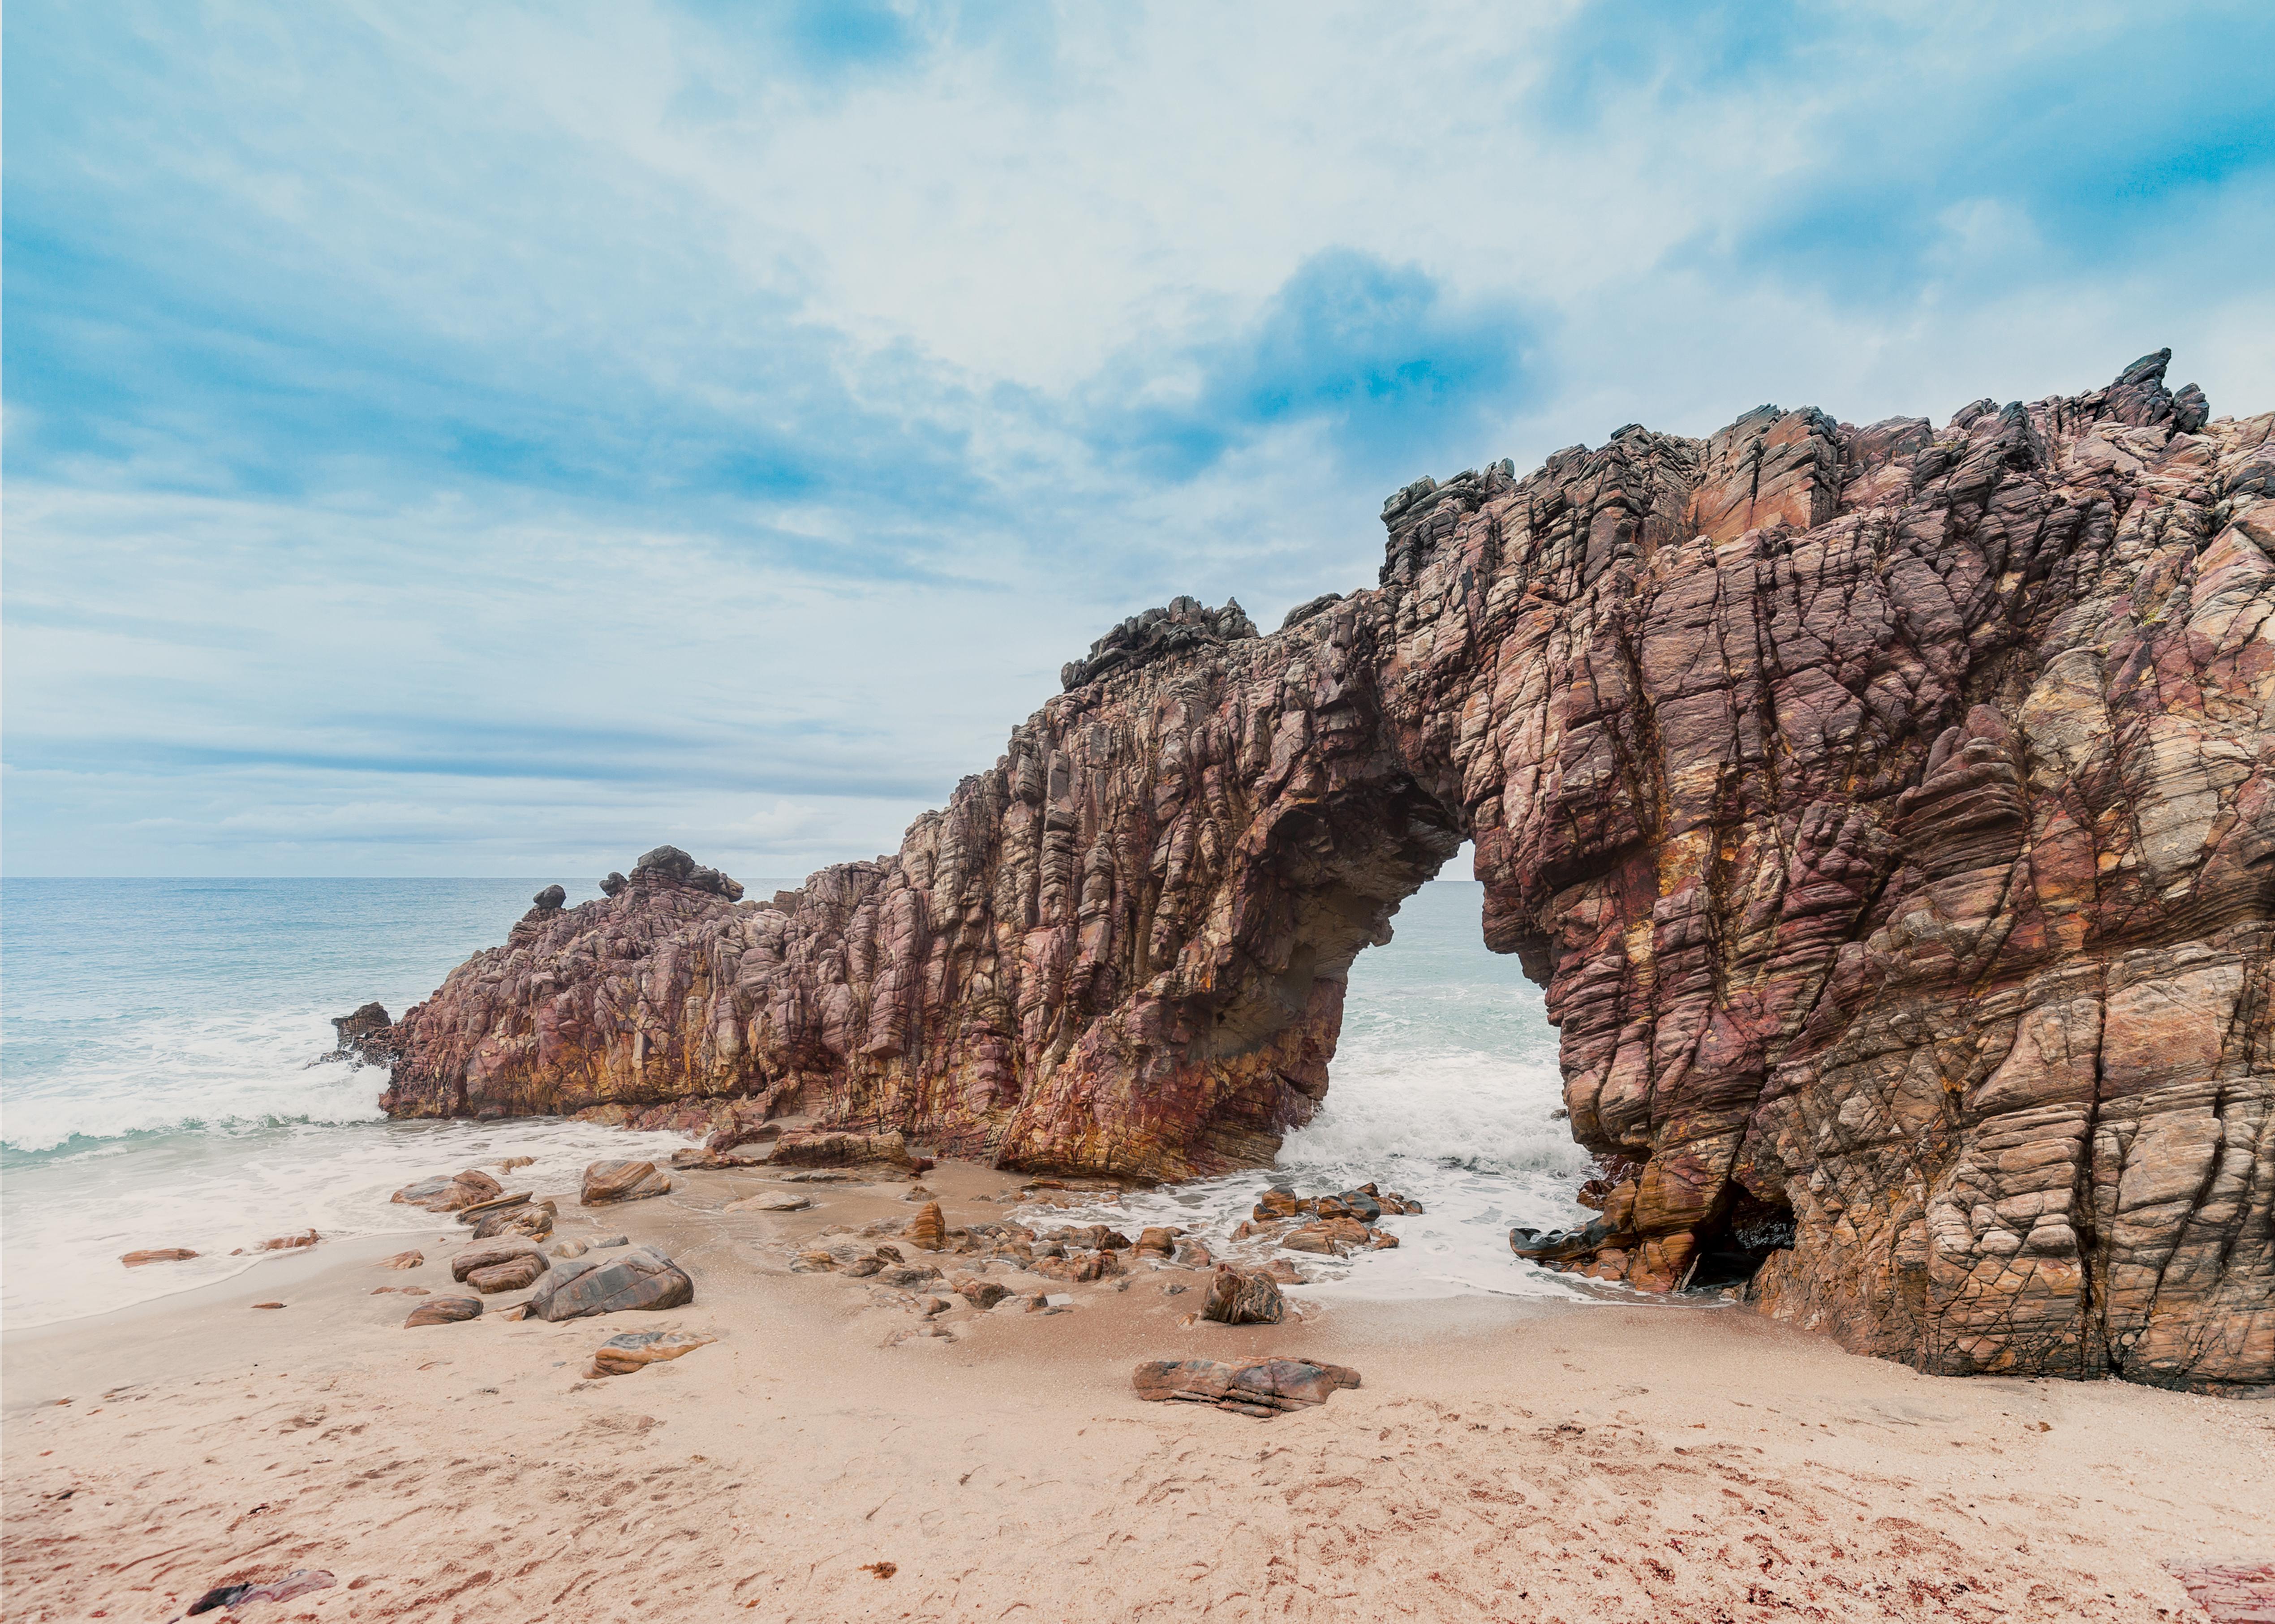 O turismo de várias facetas no Estado do Ceará